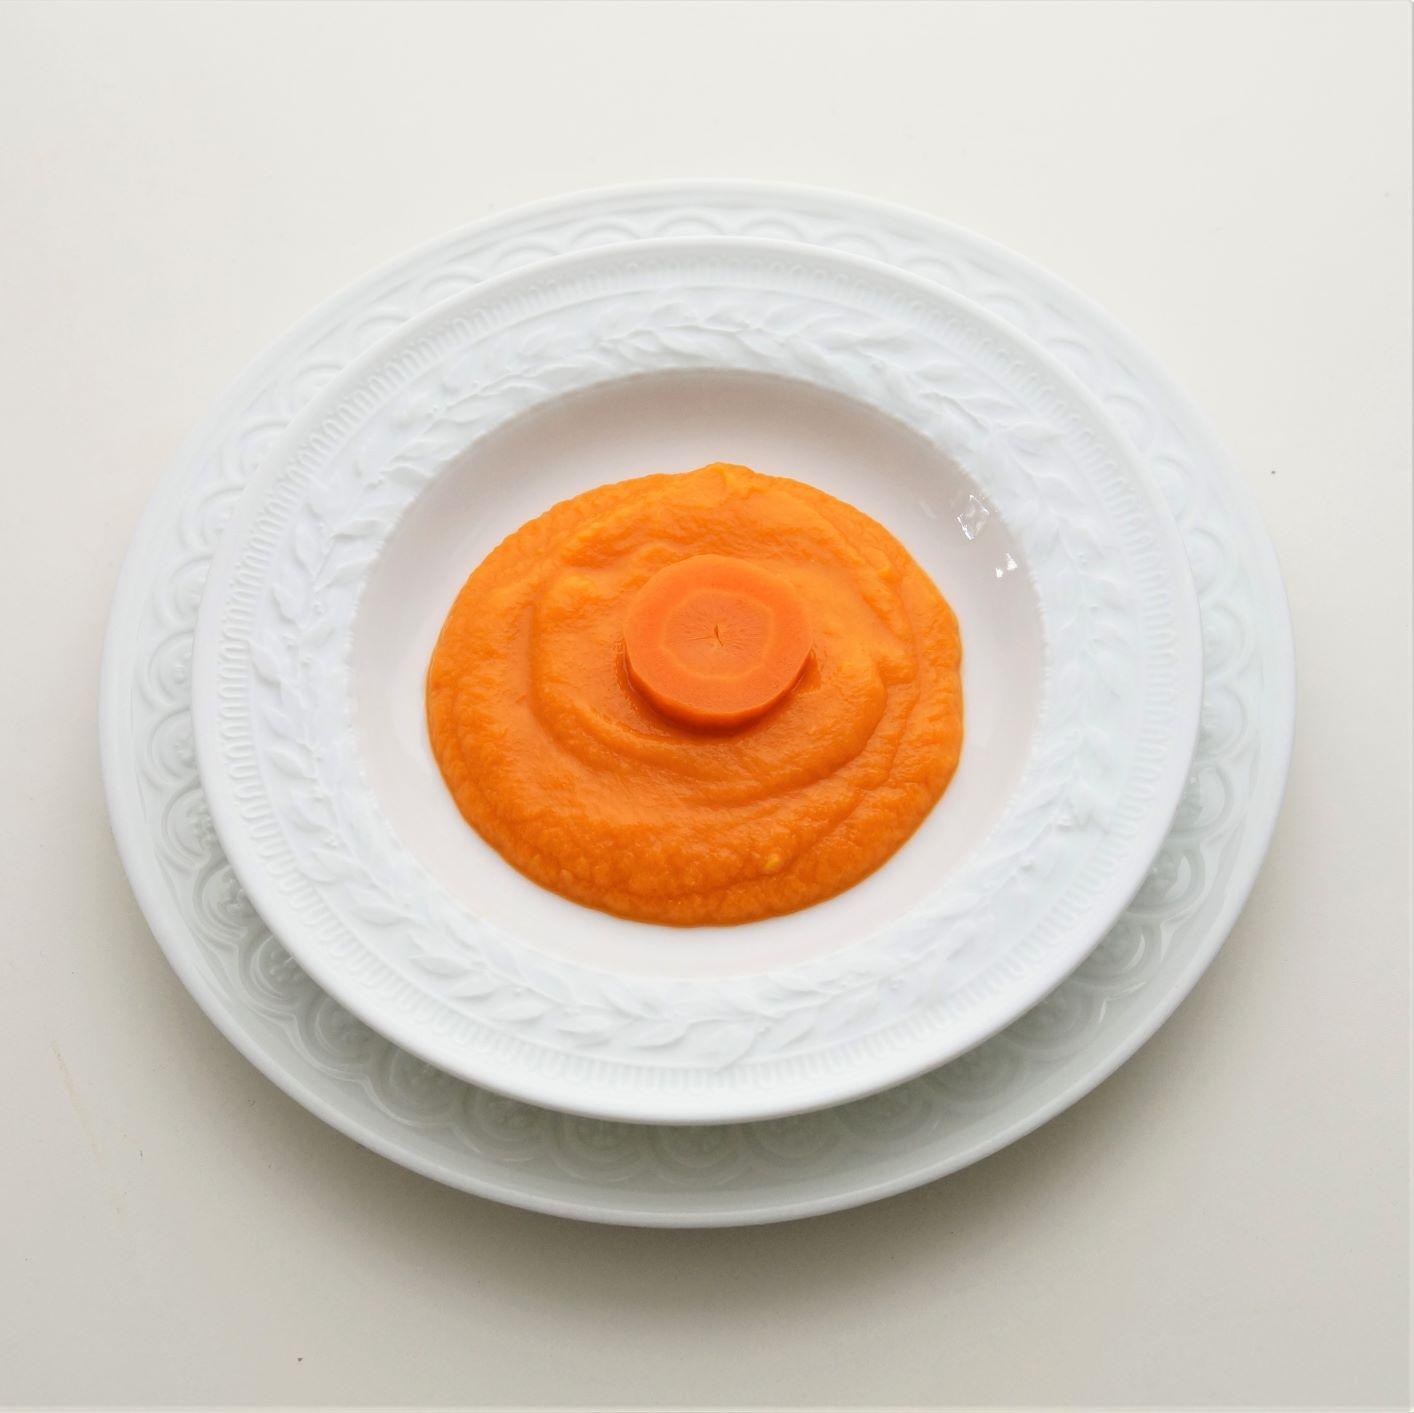 季節の食べるポタージュ にんじん【冷凍】